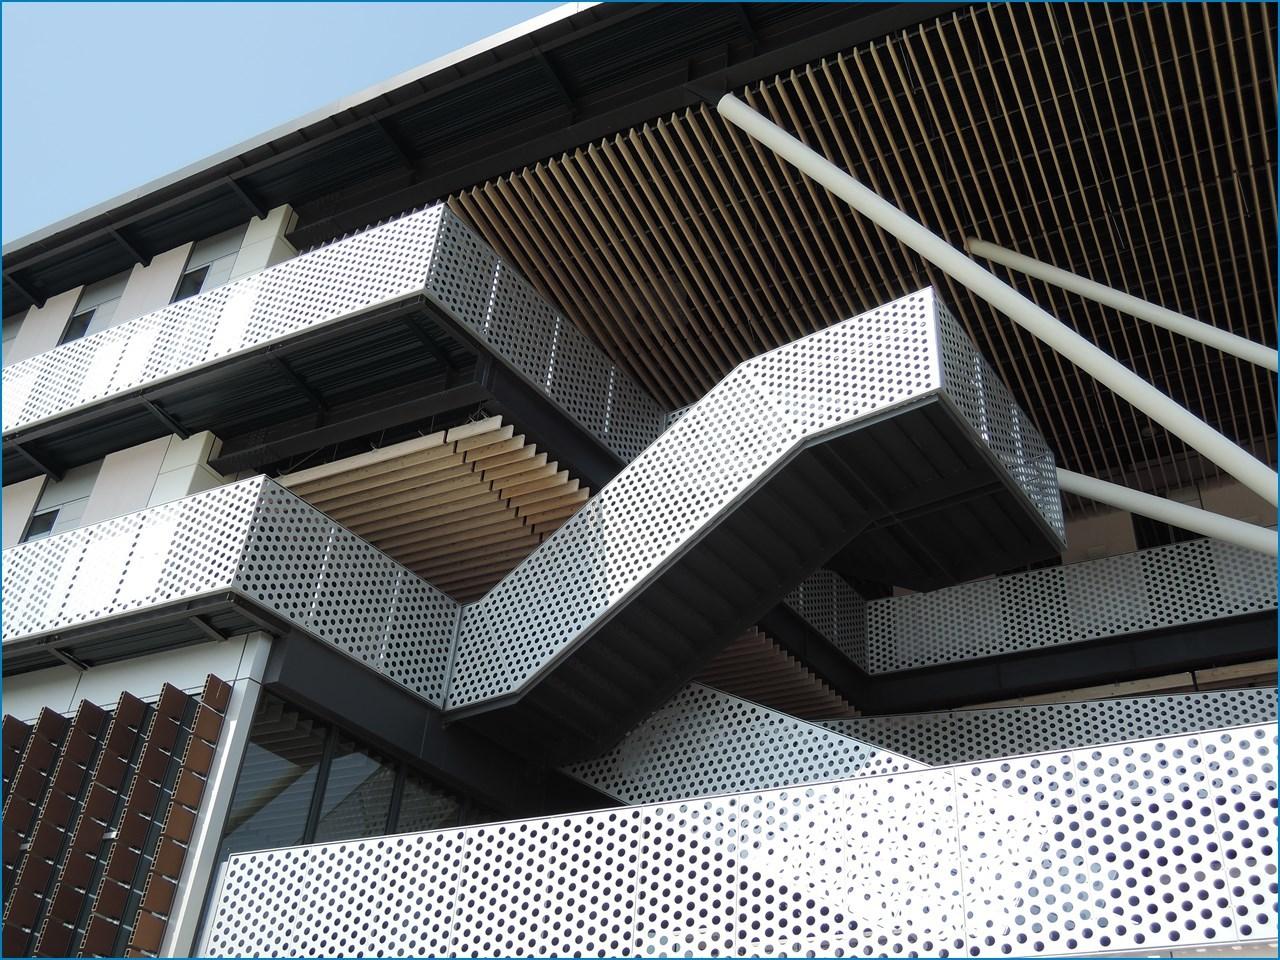 静岡理工科大学 理工学部 建築学科棟の見学 1_c0376508_18184788.jpg